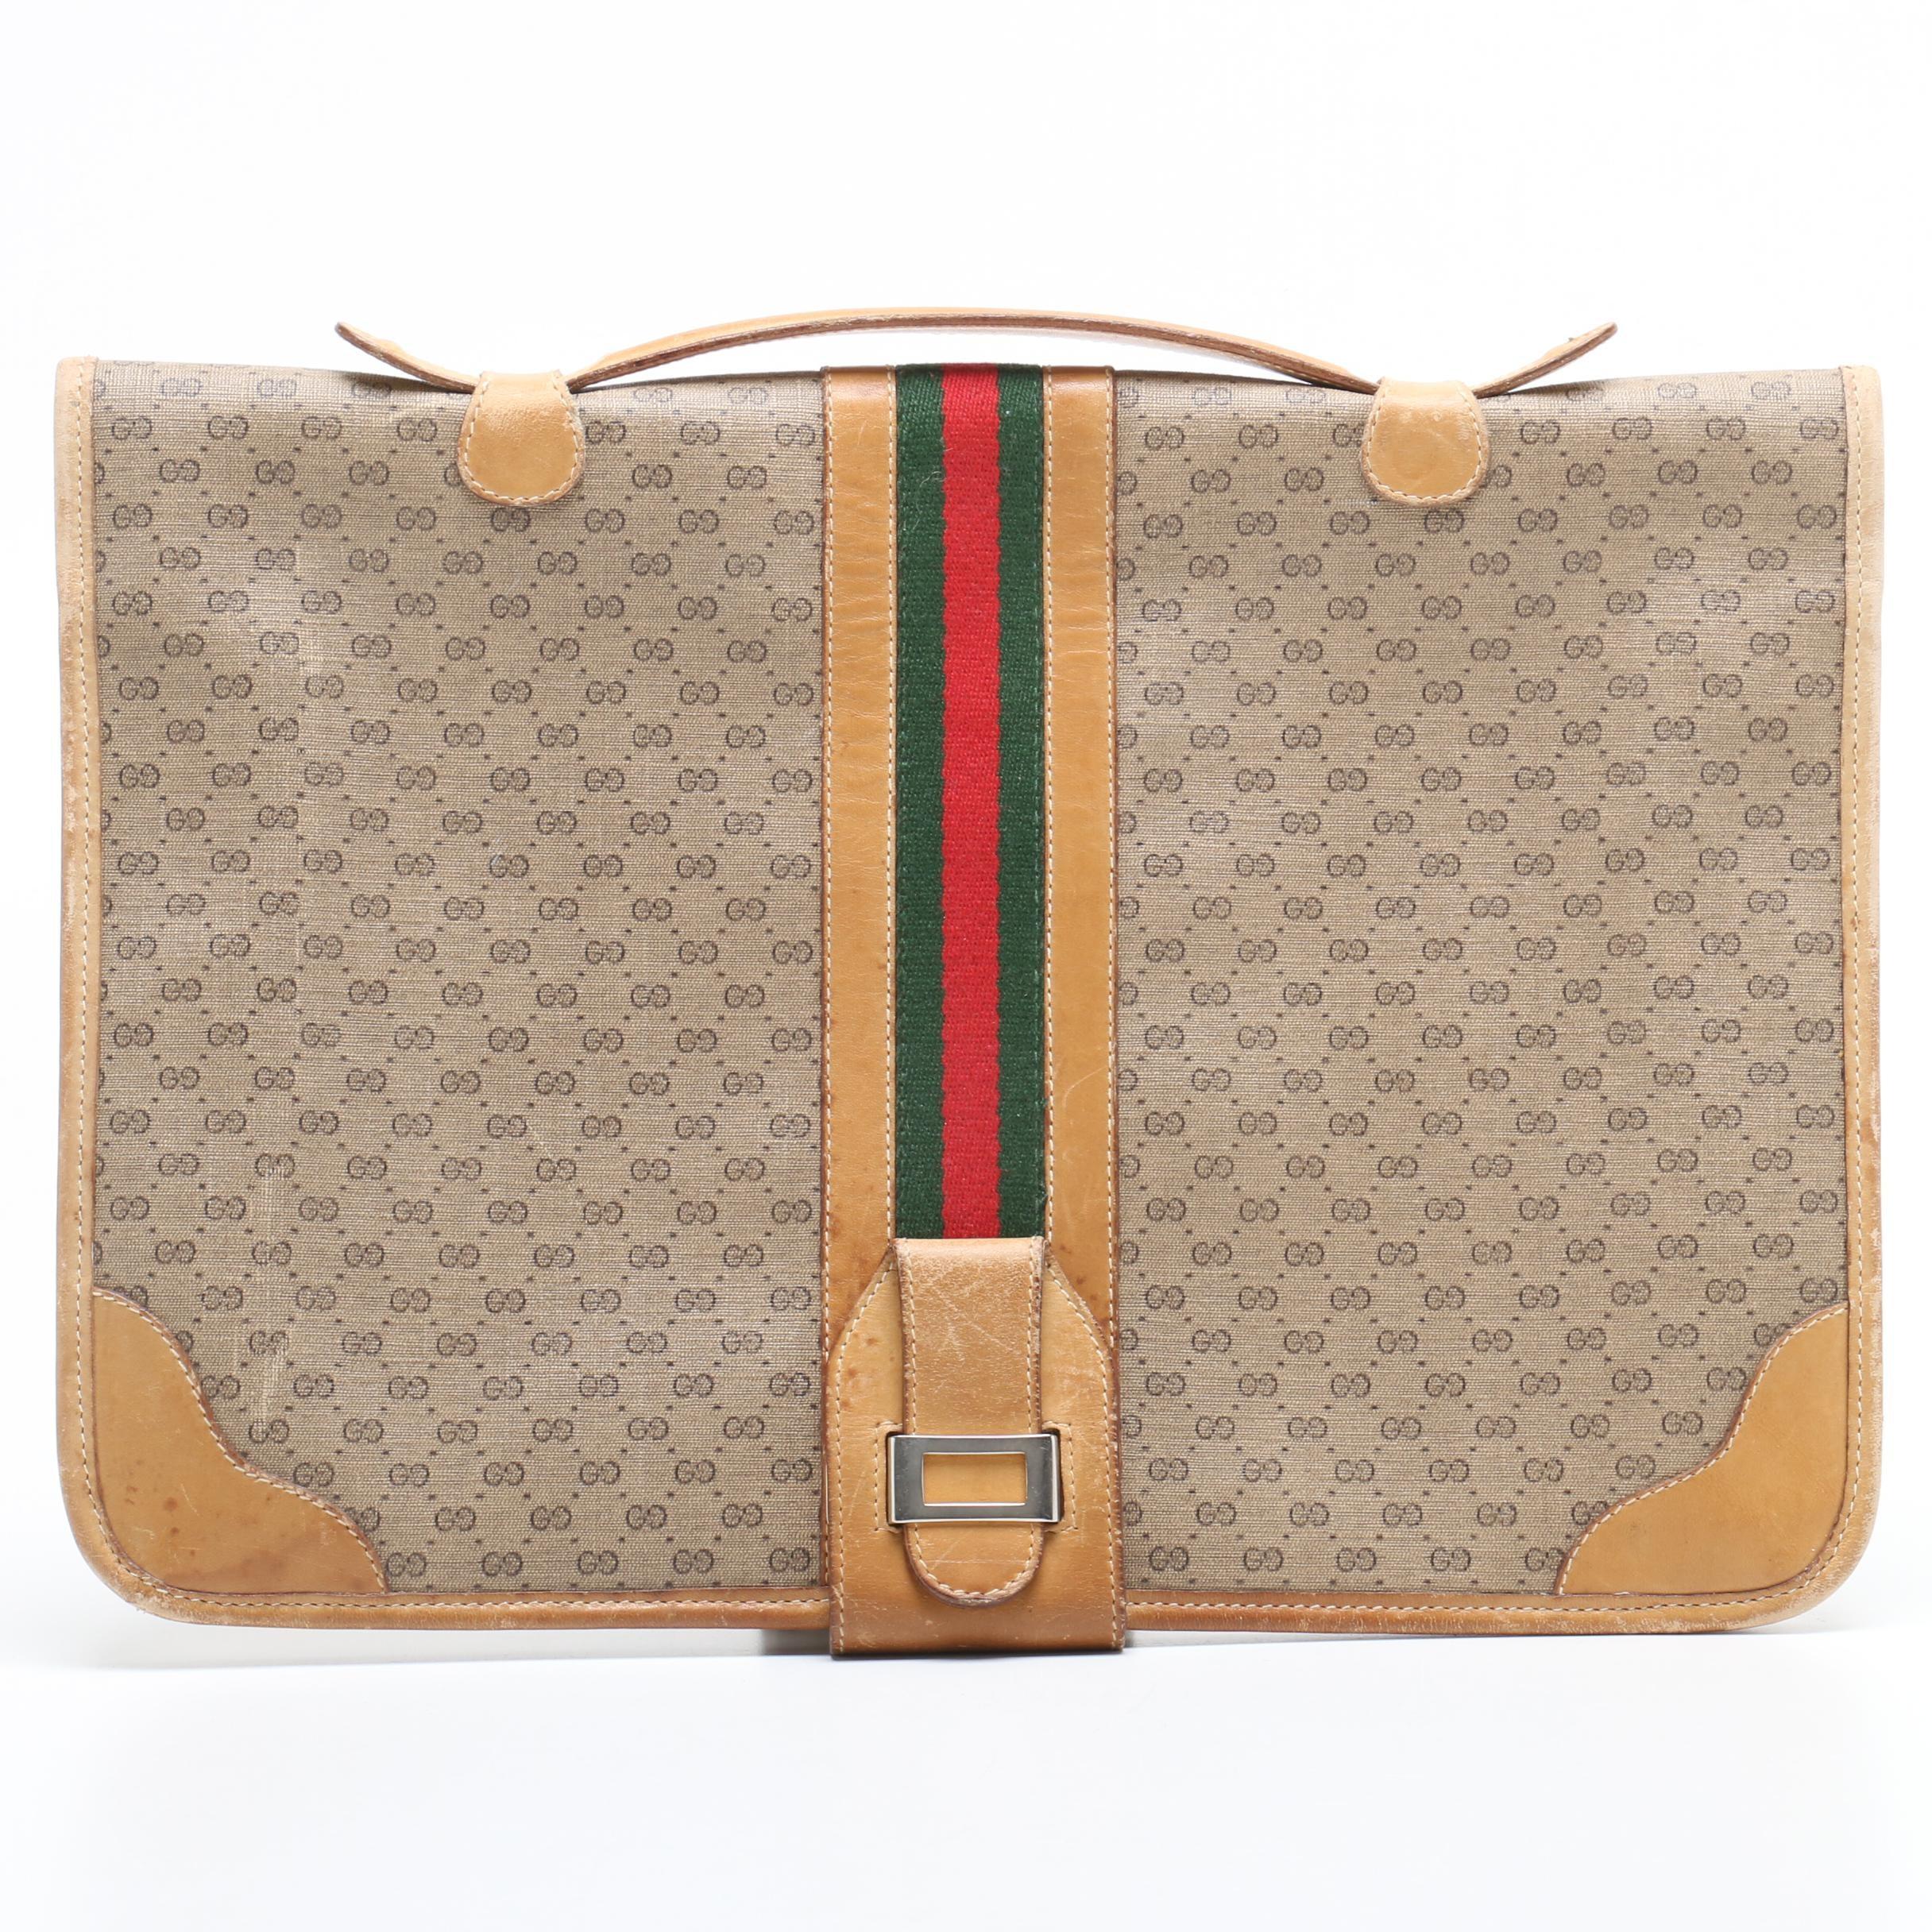 Gucci GG Supreme Canvas Web Stripe Briefcase, 1980s Vintage